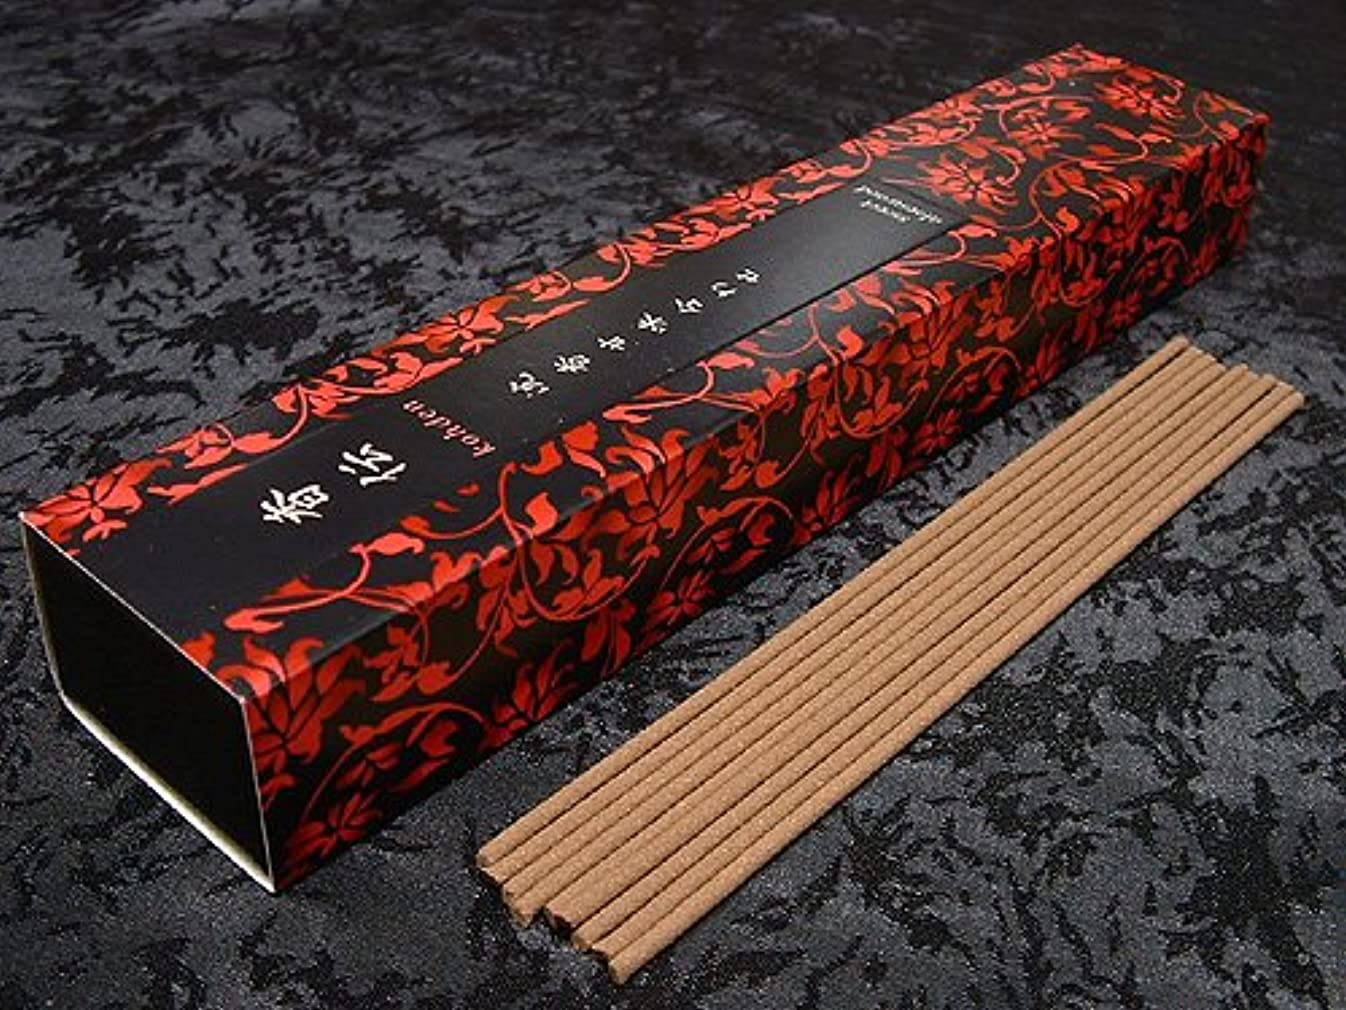 スペクトラム微視的リフレッシュ日本香堂のお香 香伝 沈香甘味合わせ